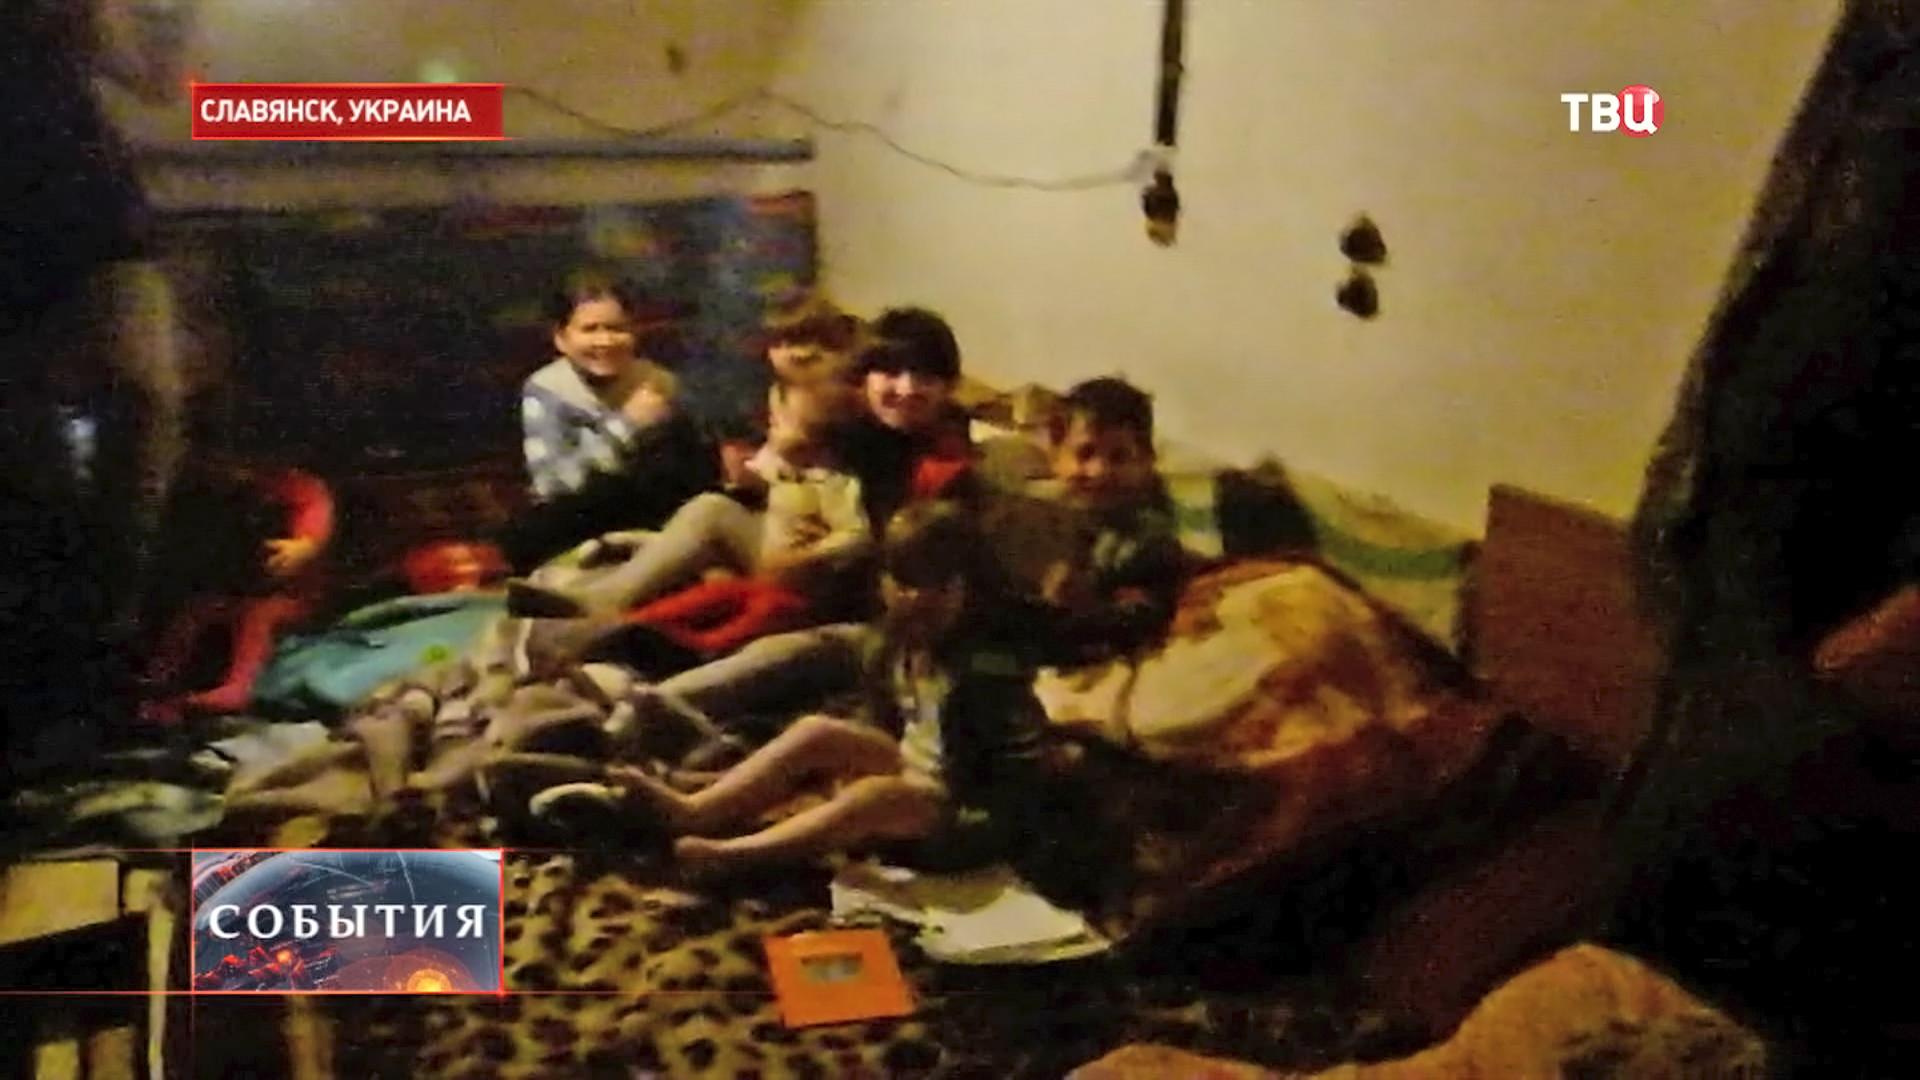 В славянске распяли ребенка фото